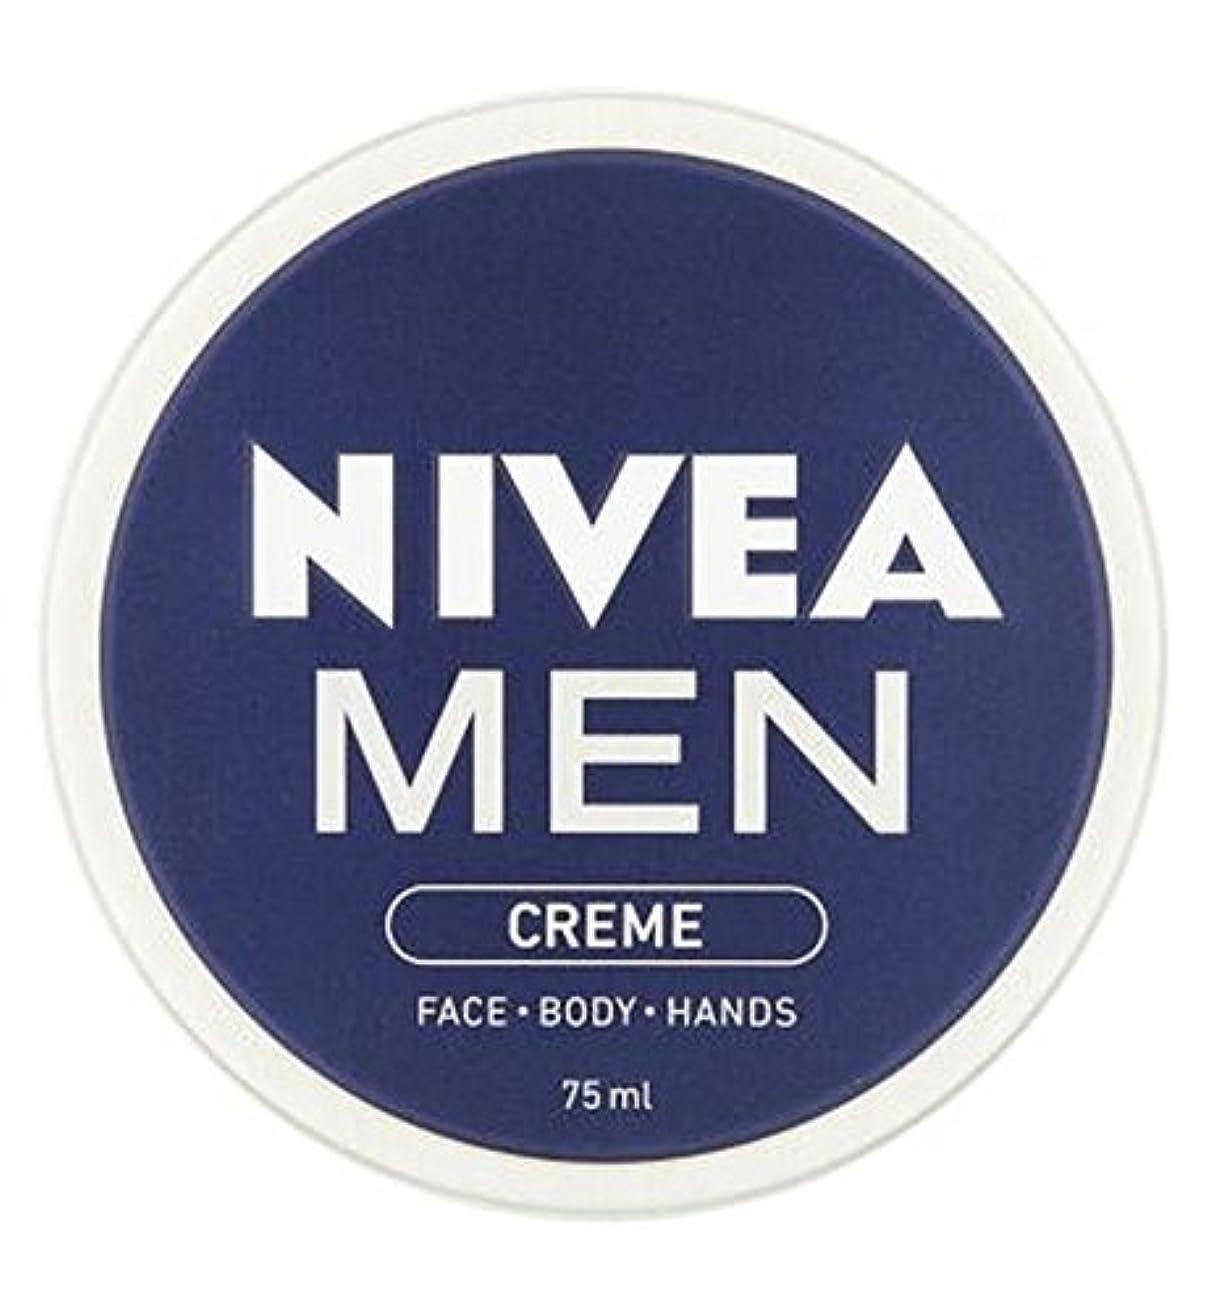 ハリウッド出発交通ニベアの男性は75ミリリットルをクリーム (Nivea) (x2) - NIVEA MEN Creme 75ml (Pack of 2) [並行輸入品]